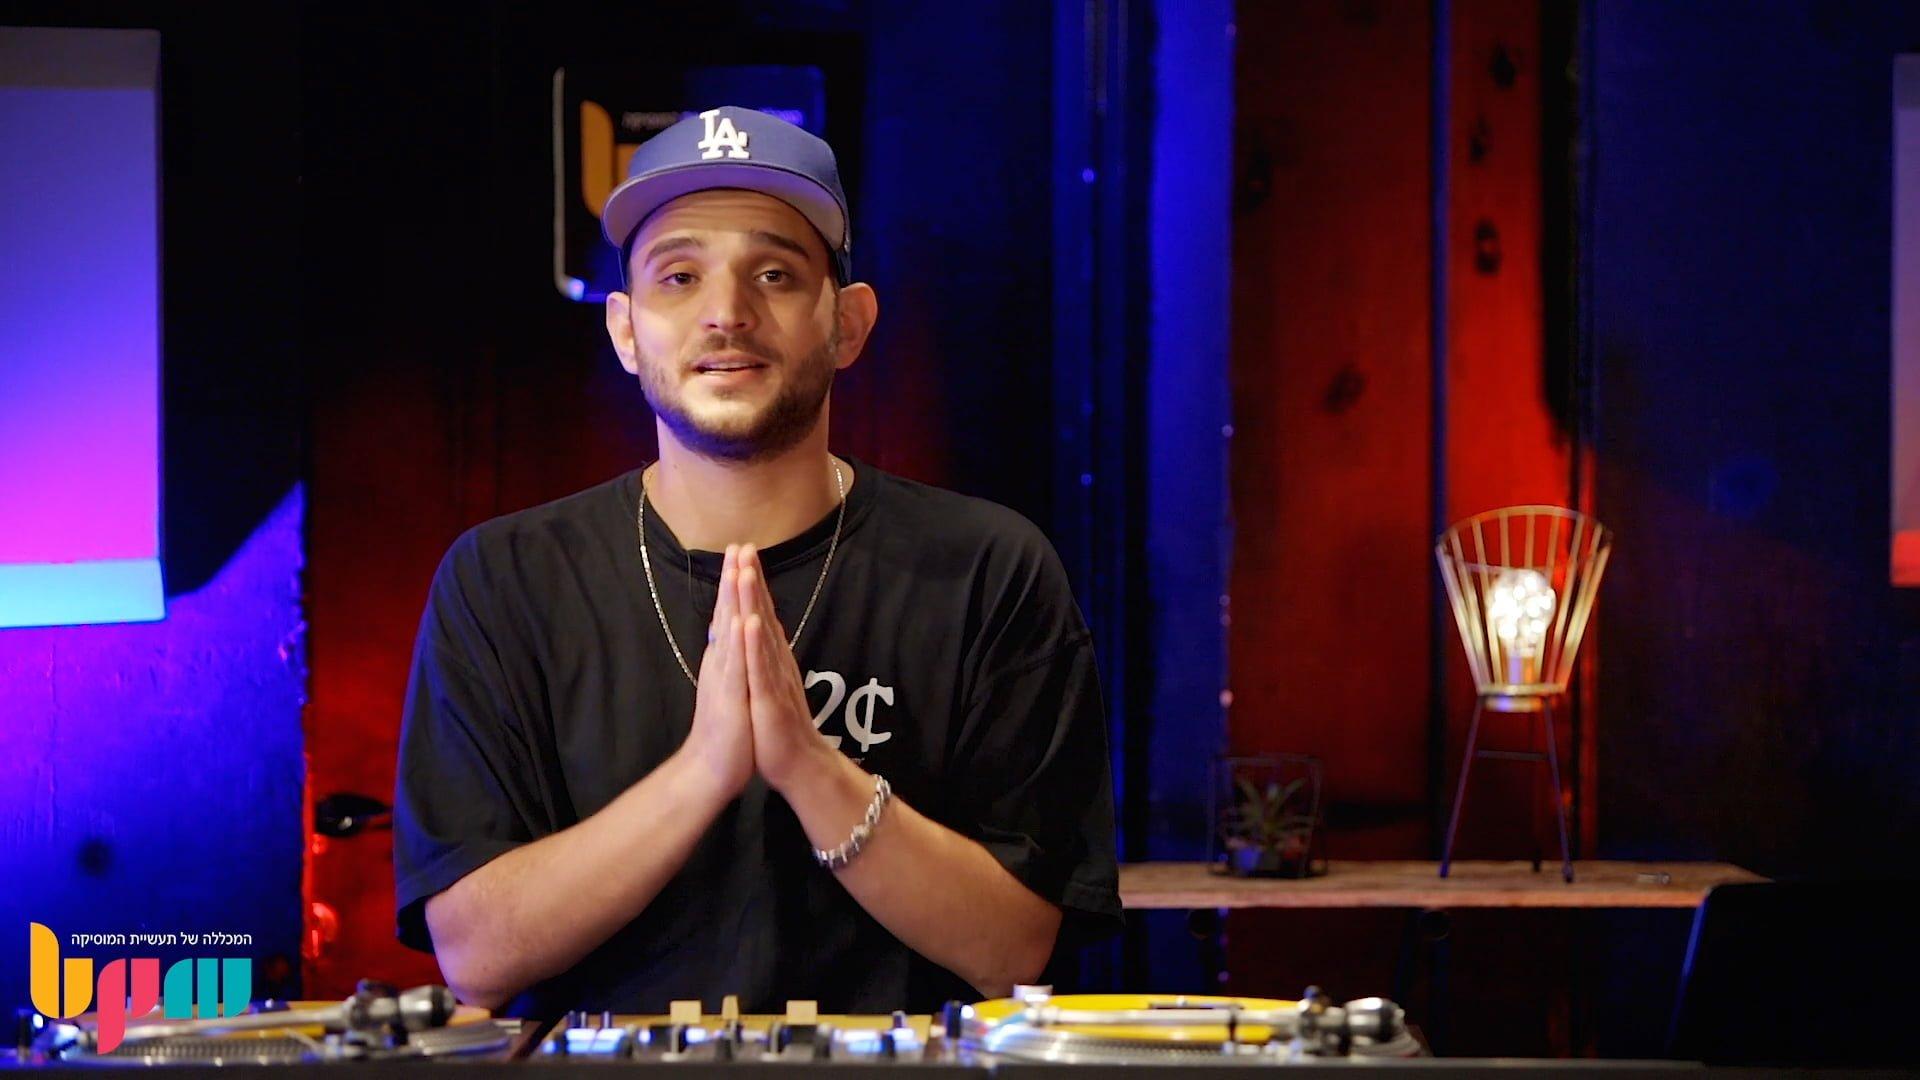 צפו בסדנת האמן עם DJ Moshik בנושא תקלוט